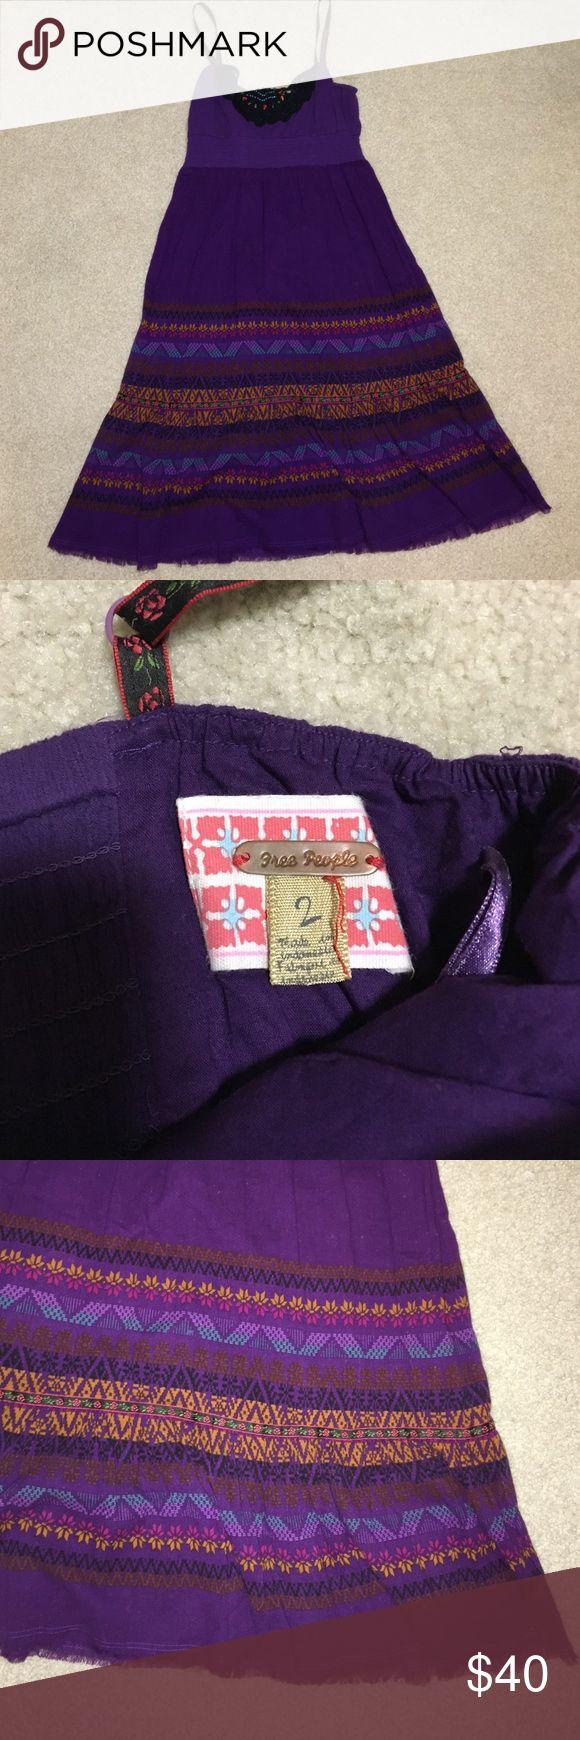 Free people purple dress Free people plum colored spaghetti strap dress.  Adjustable straps. Smocked top. Free People Dresses Midi